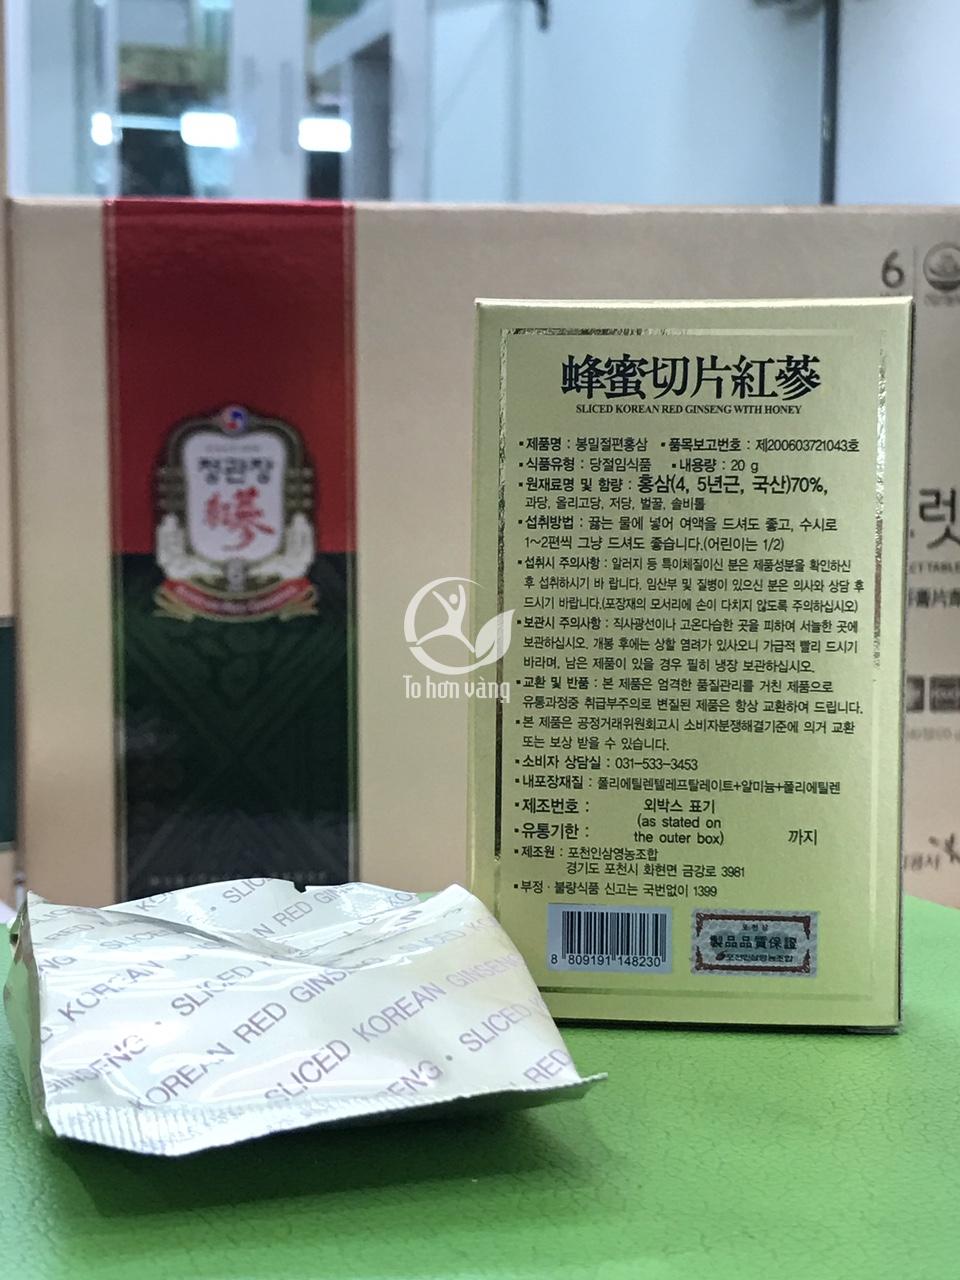 Hình ảnh chi tiết bên trong hộp Hồng sâm thái lát tẩm mật ong 200g Pocheon